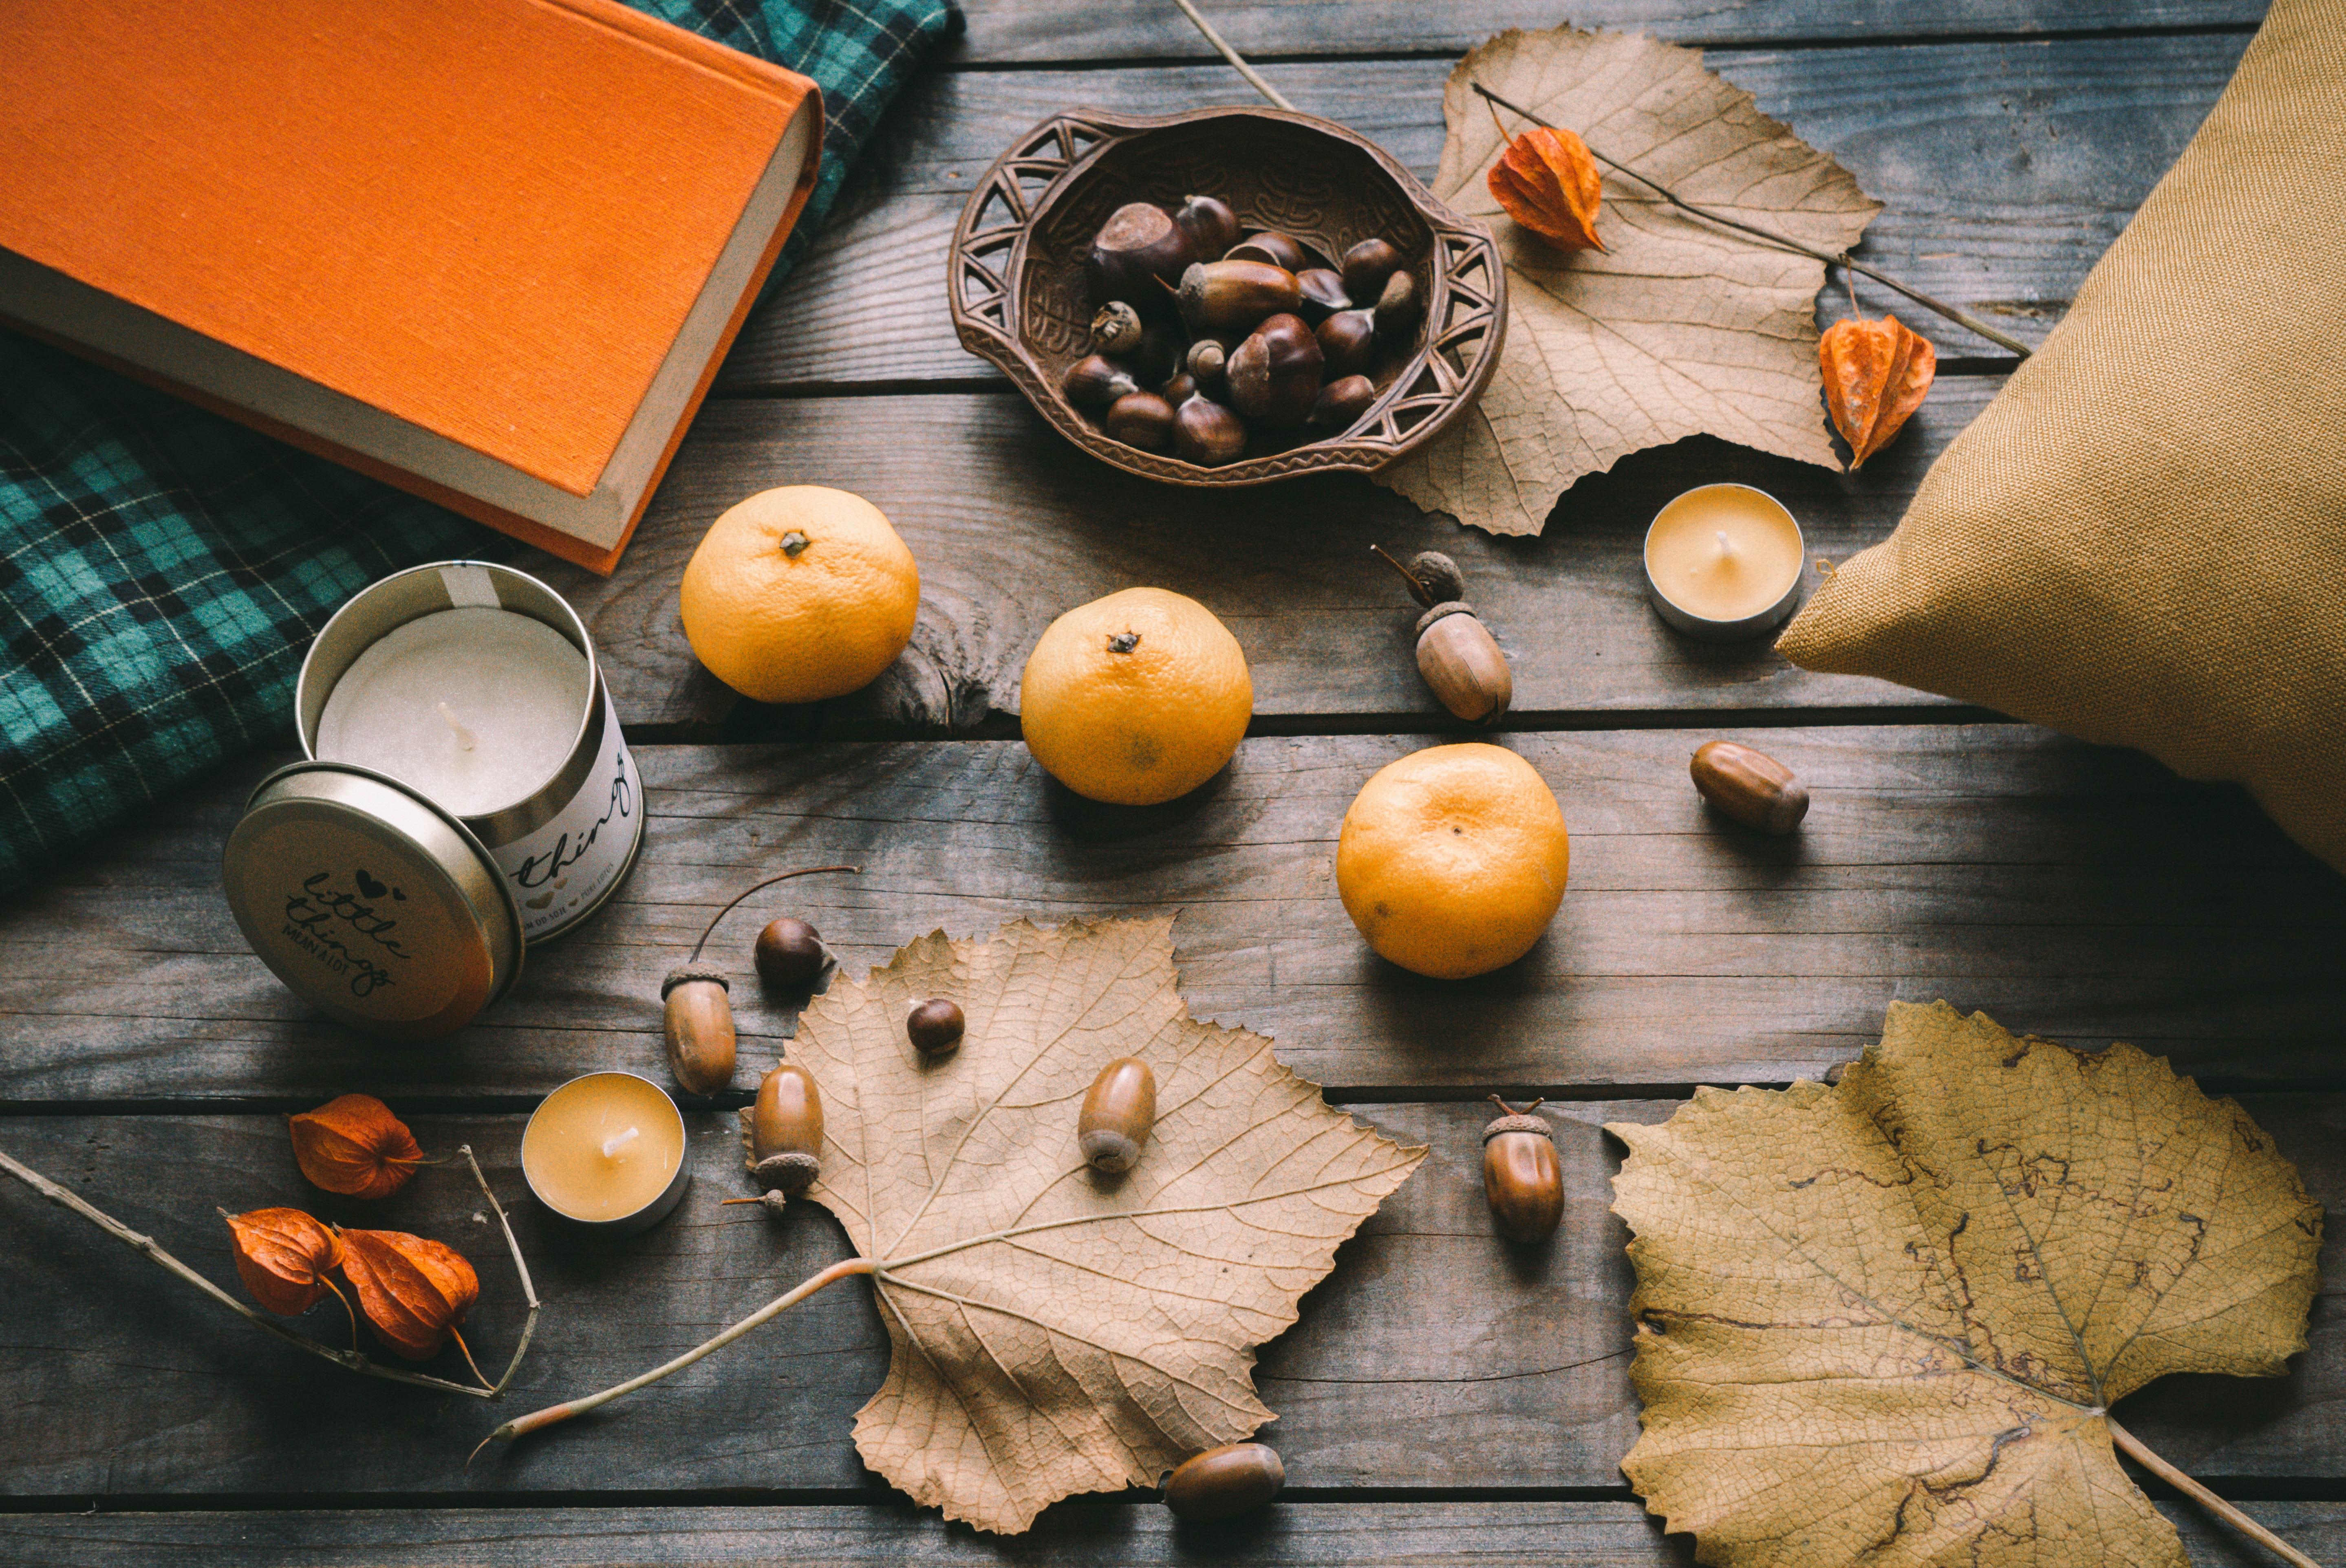 121564 скачать обои Разное, Листья, Осень, Мандарины, Желуди, Каштаны - заставки и картинки бесплатно